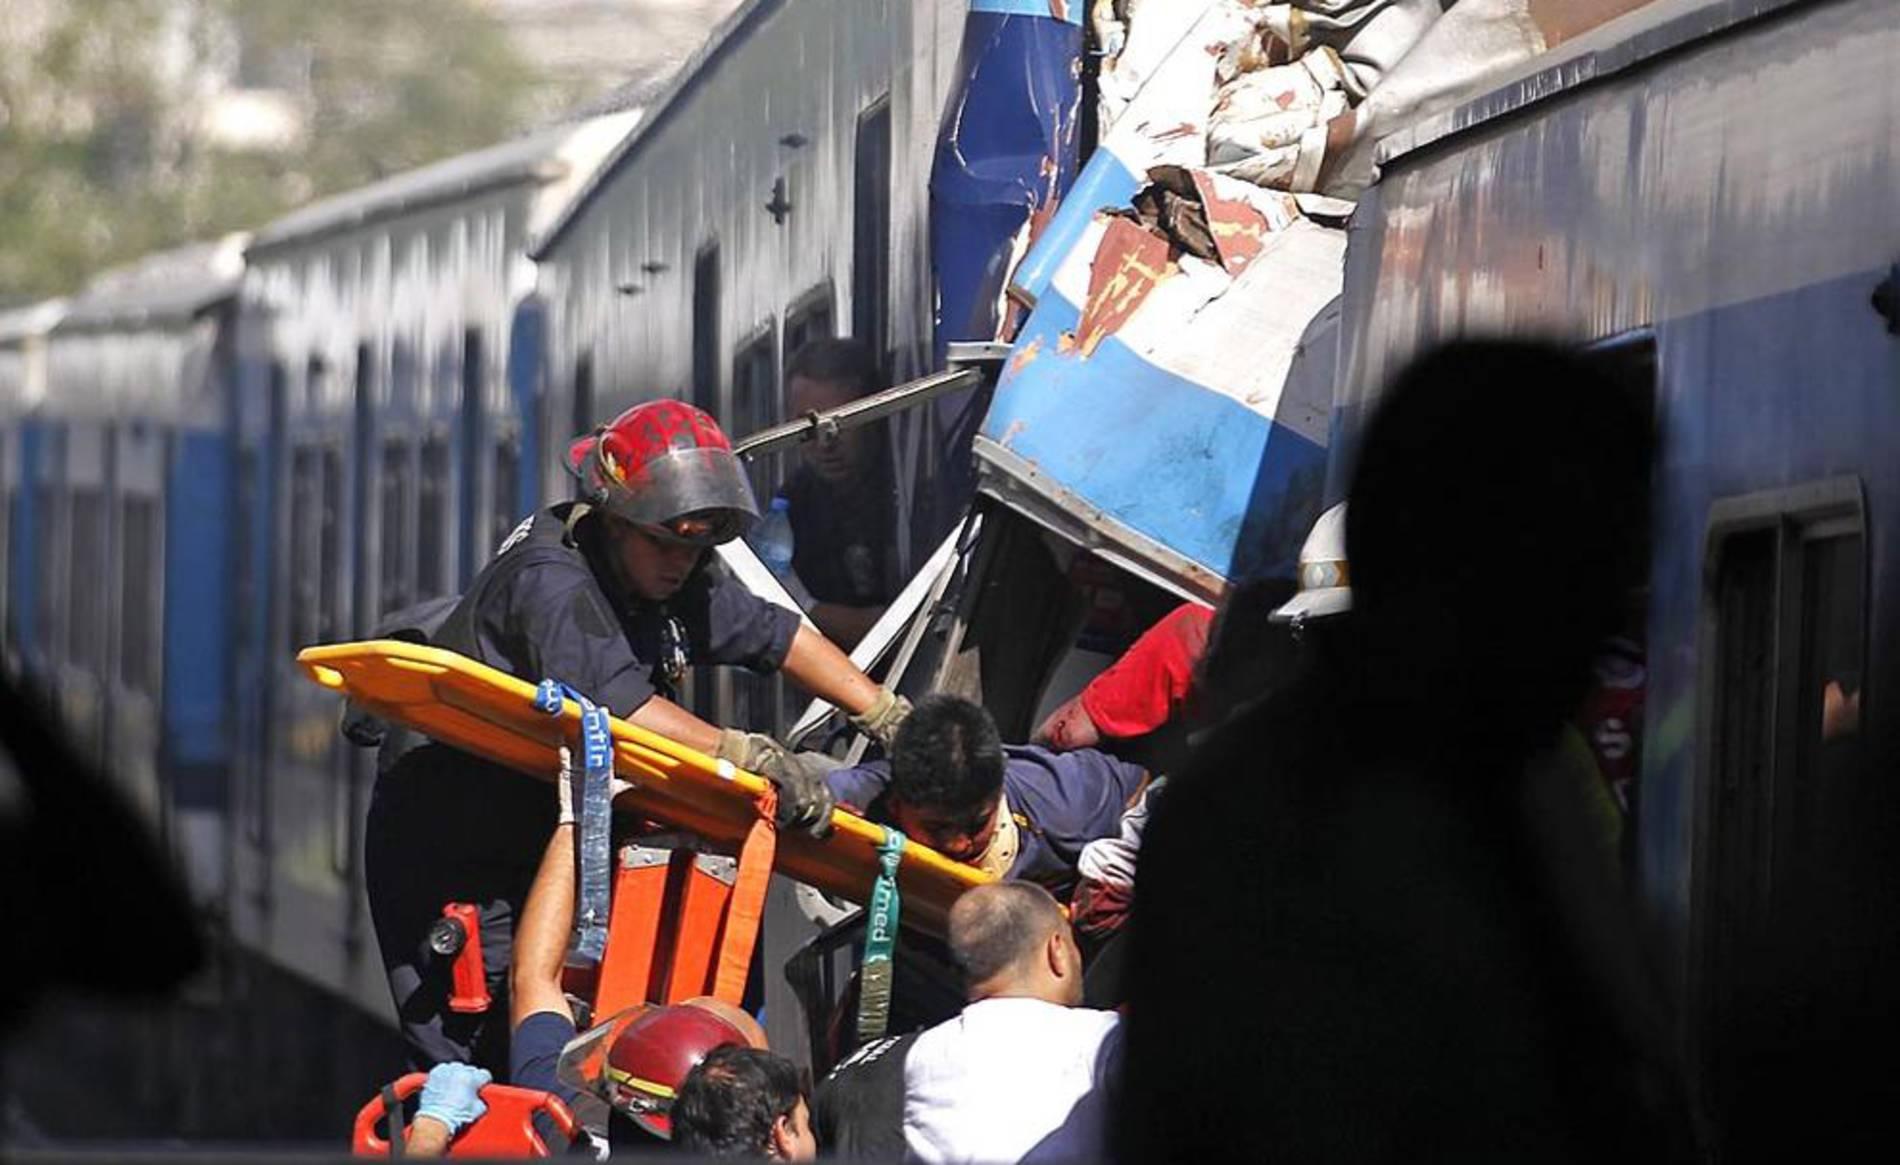 Accidente de tren en Buenos Aires (1/32) - Imágenes tomadas tras al accidente ferroviario de Buenos Aires de este miércoles 22 de febrero - Internacional -